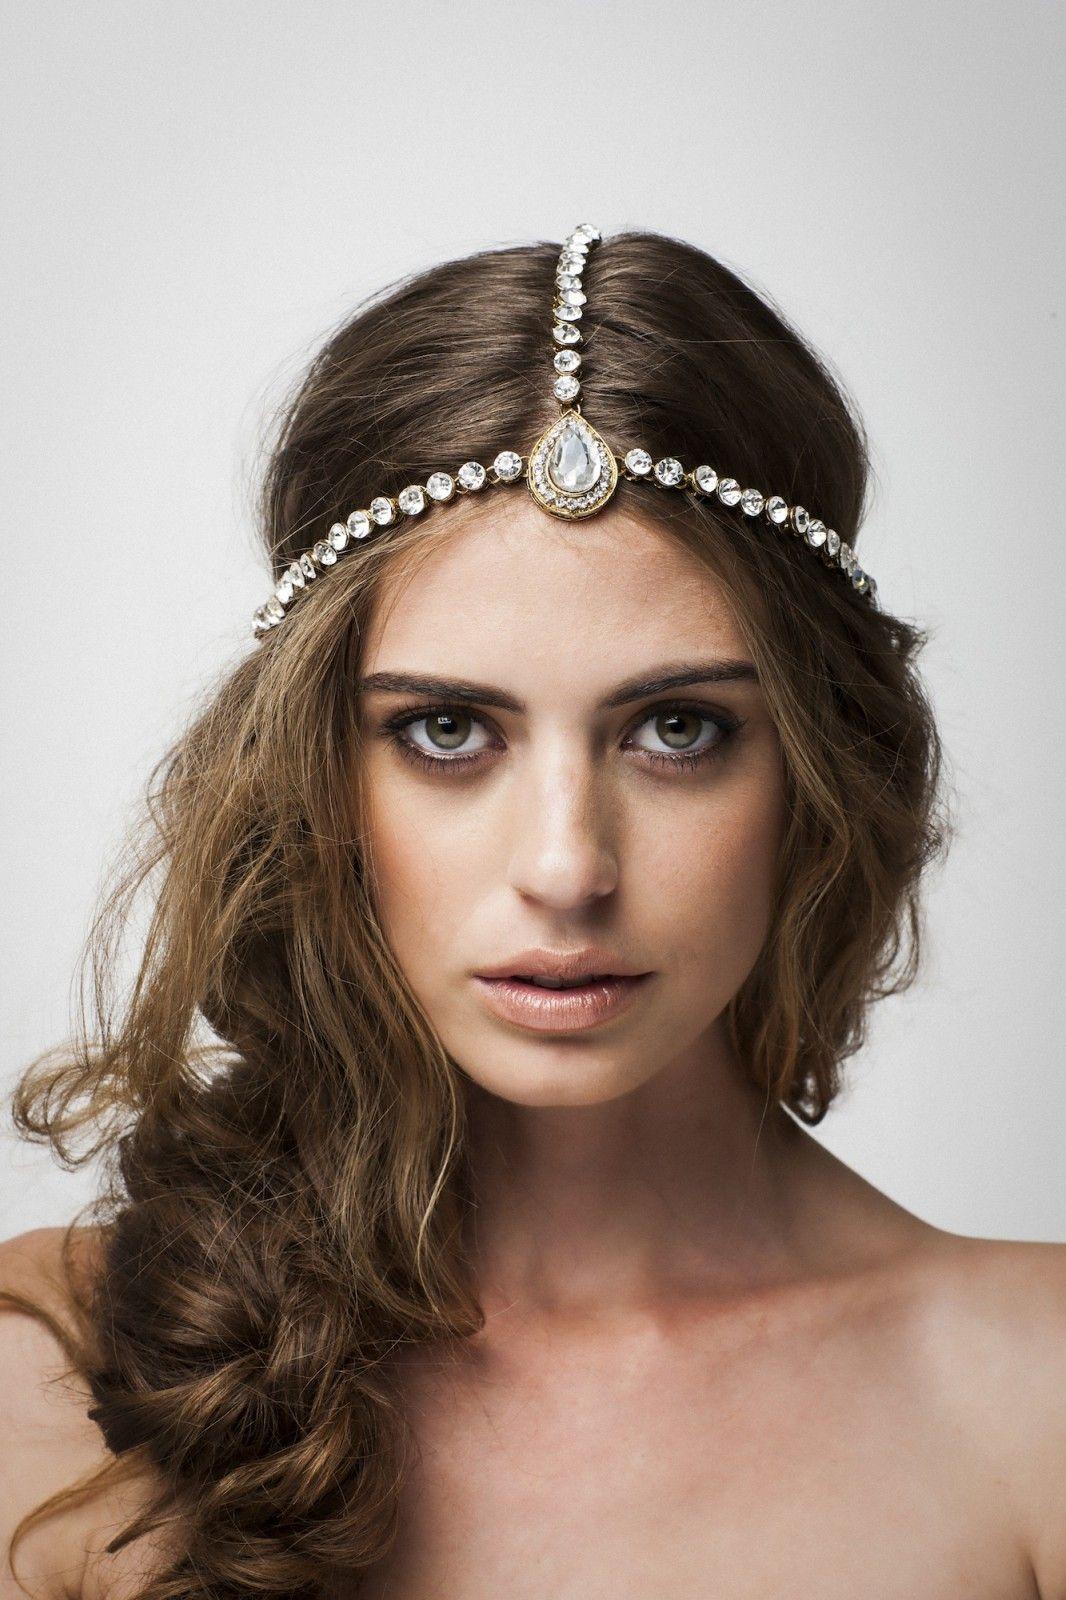 SELENE HEADPIECE | Acessórios para cabelo, Núpcias, Noivado